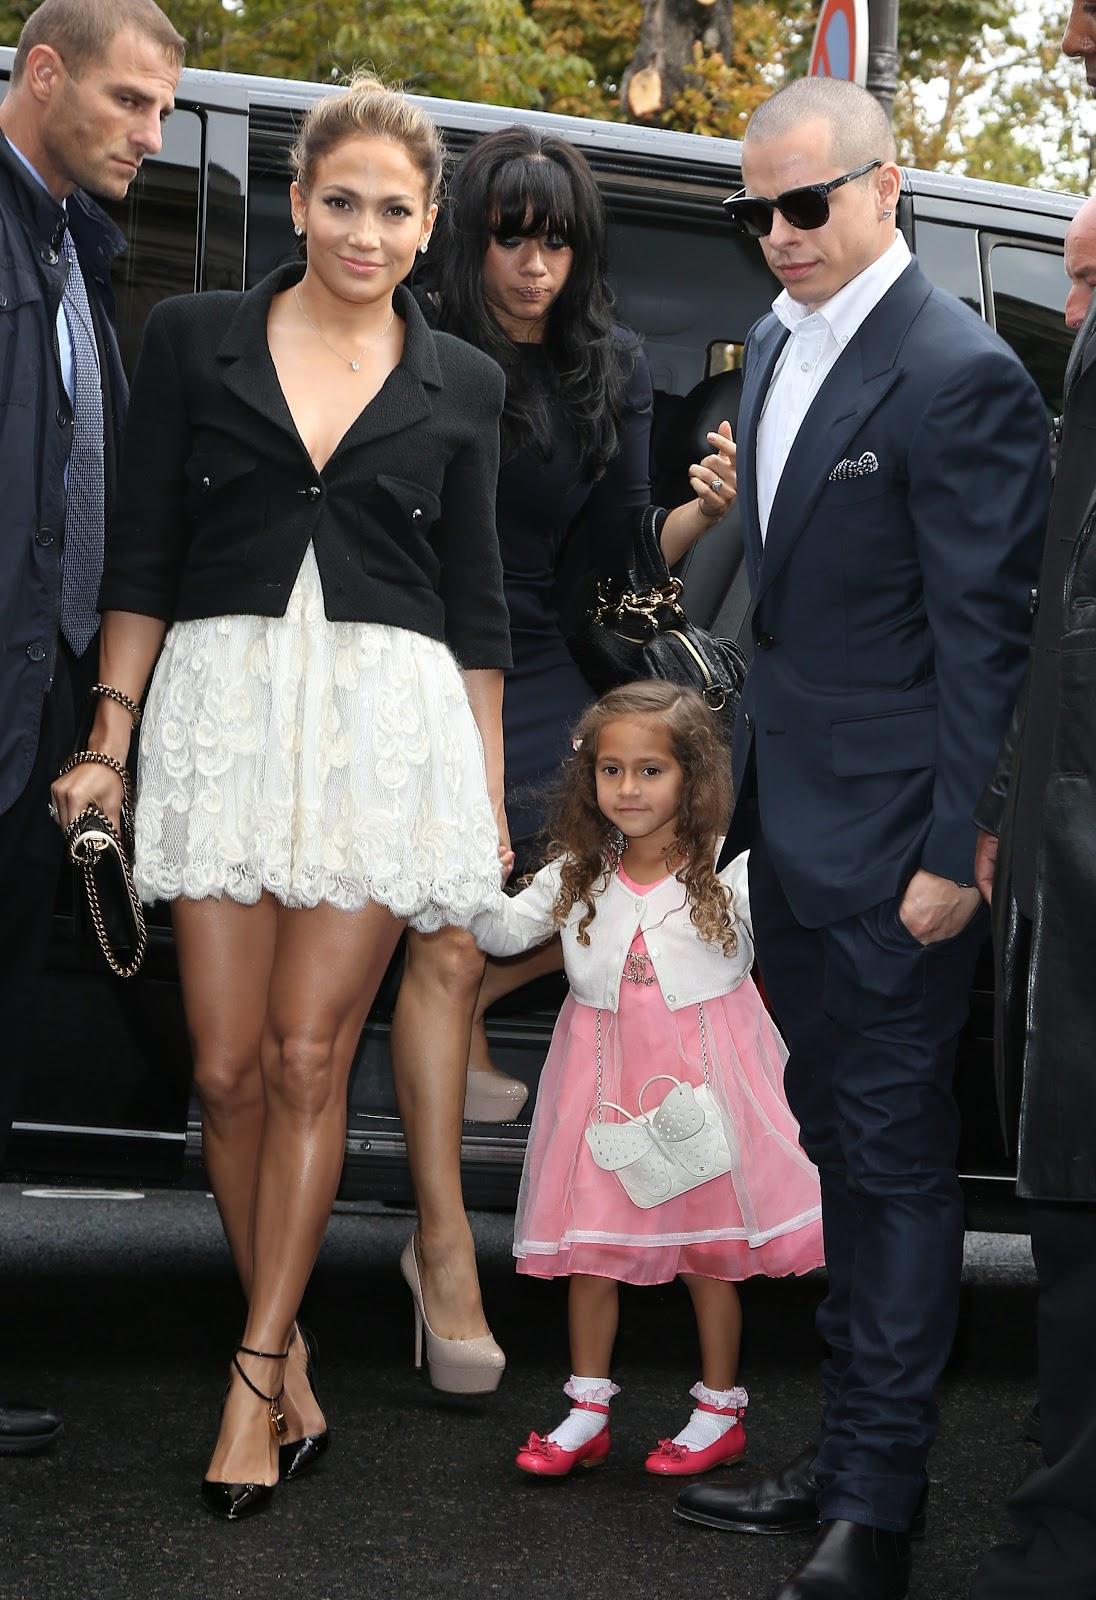 http://4.bp.blogspot.com/-eGStrETmF4U/UGrsSUj4m7I/AAAAAAAAP5Y/fYawaXrZ1Lo/s1600/Jennifer+Lopez++October+2012+%27Chanel%27+Fashion+Show+-+02.jpg